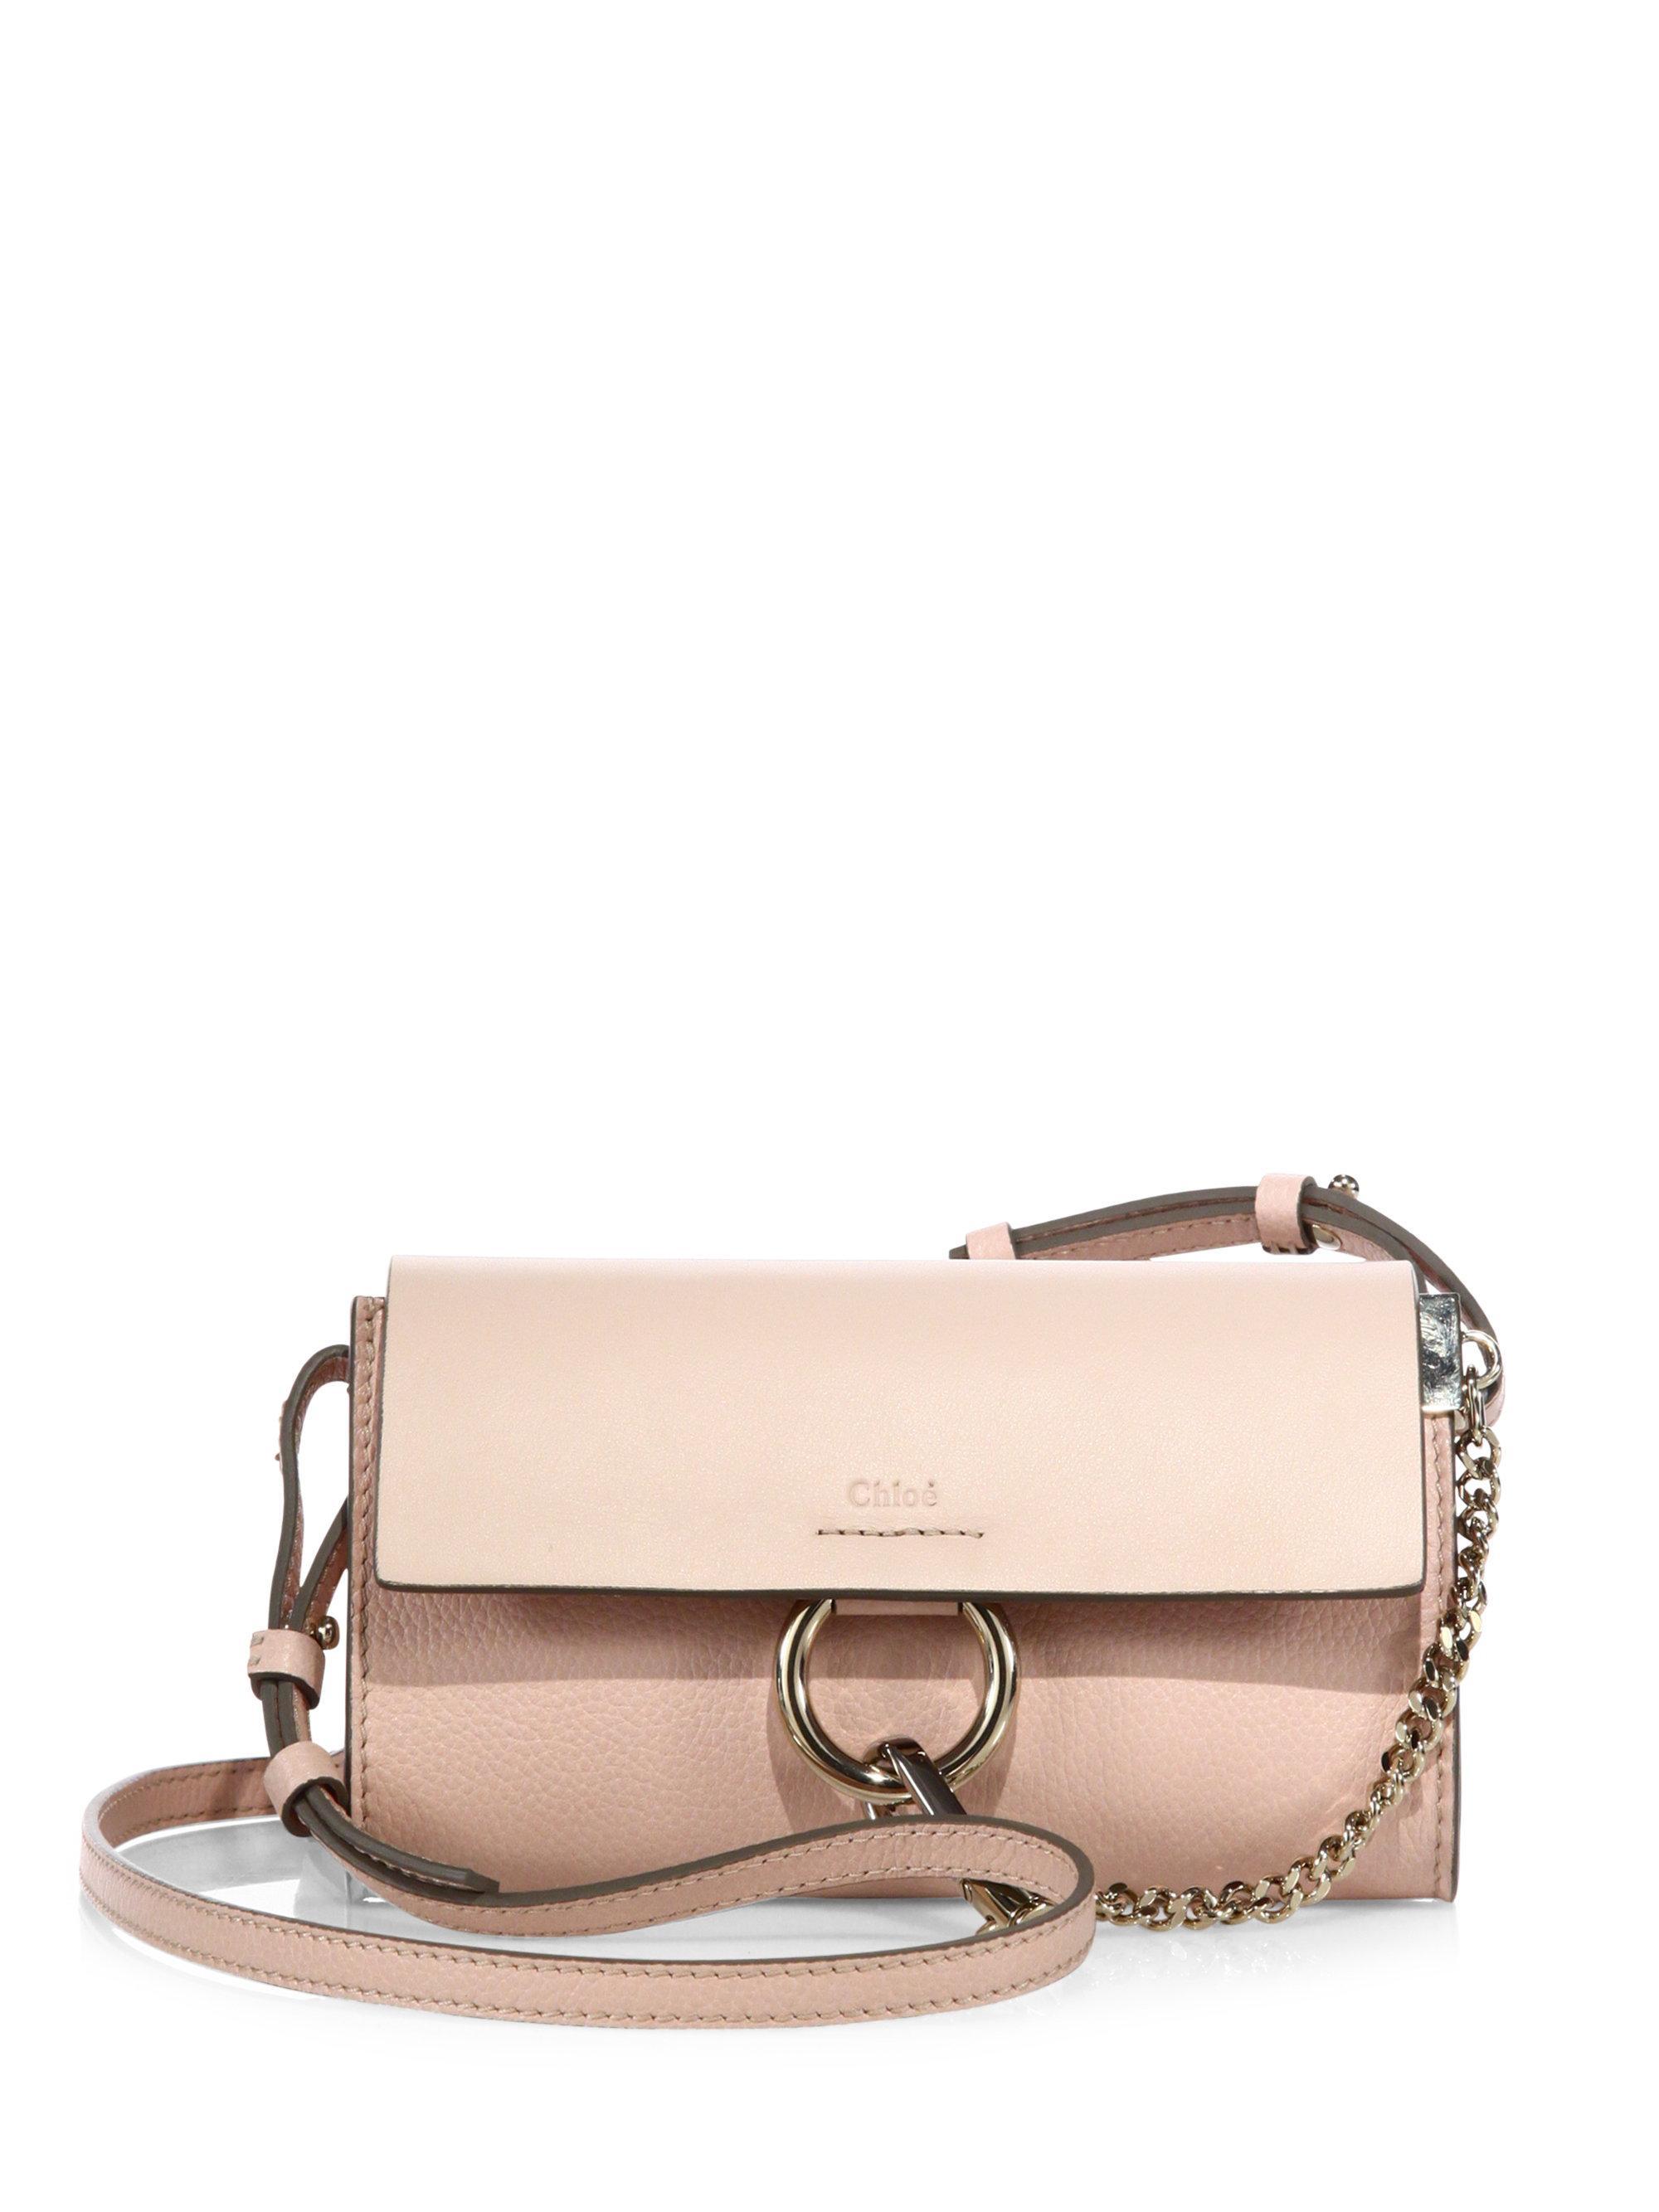 chlo mini faye leather shoulder bag in pink lyst. Black Bedroom Furniture Sets. Home Design Ideas